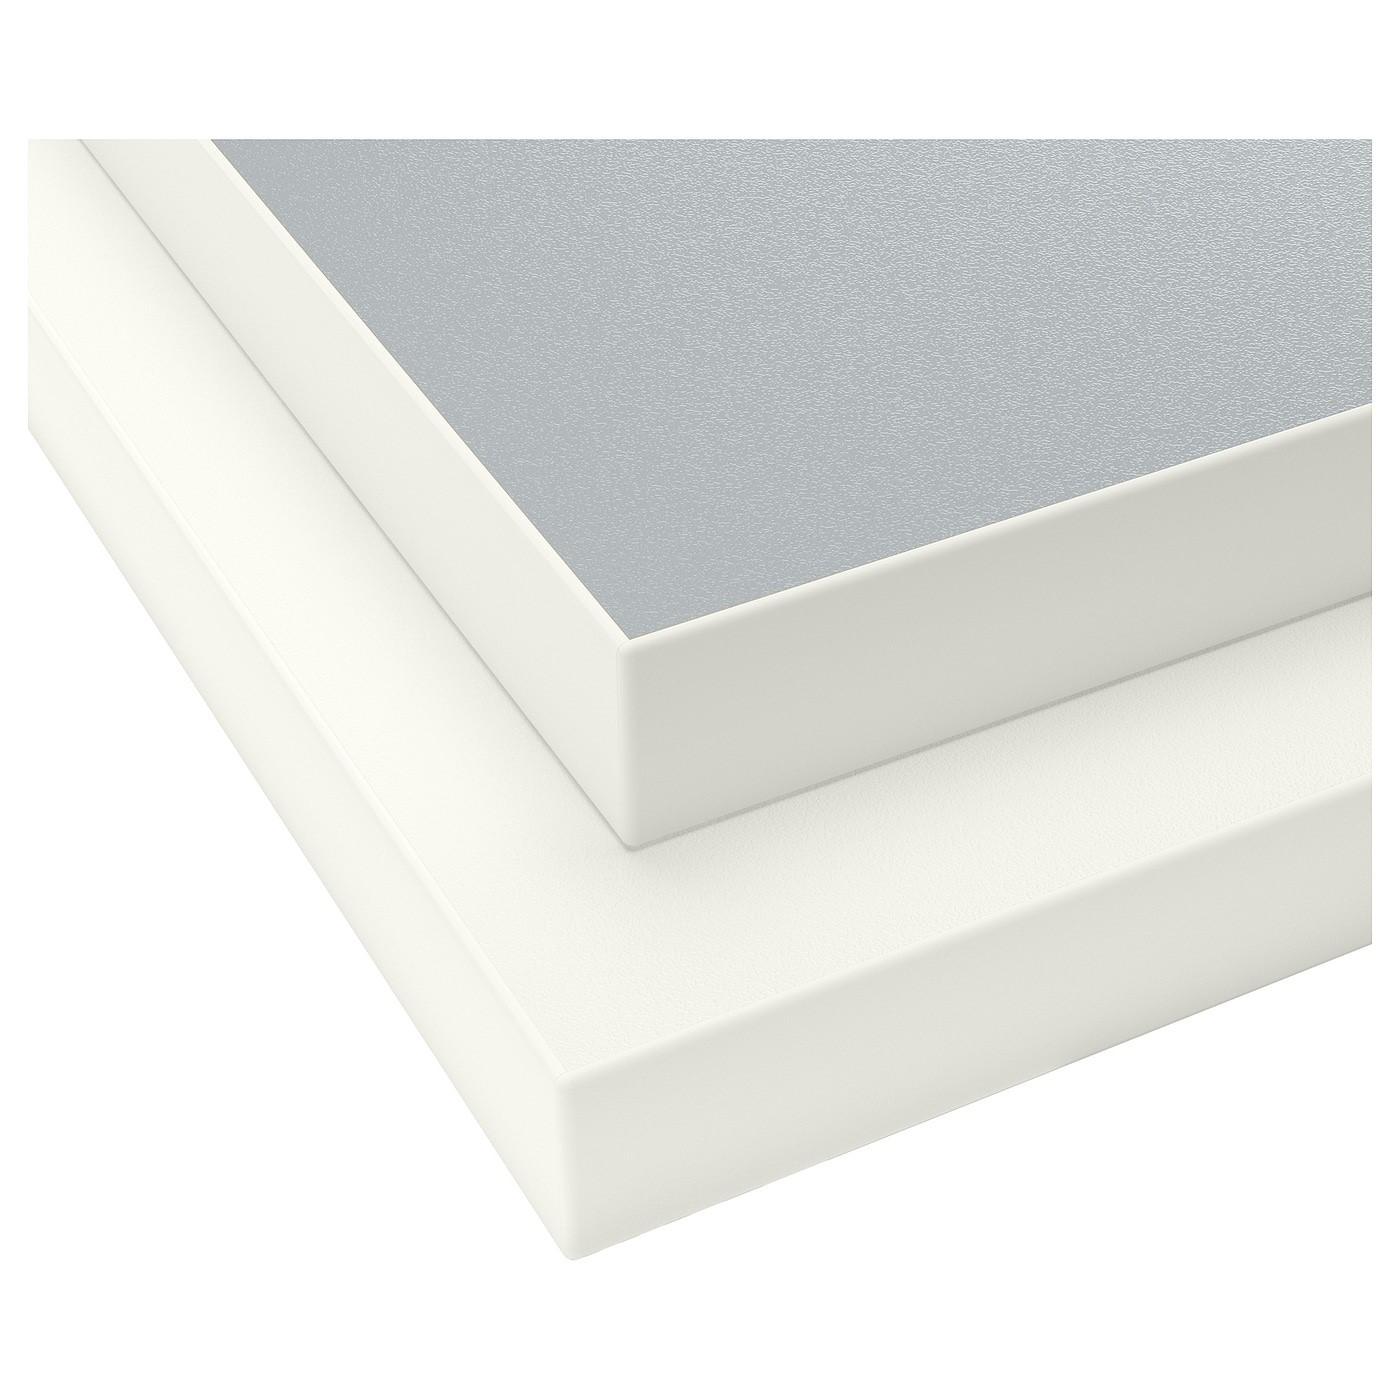 IKEA EKBACKEN столешница, двусторонняя с белой окантовкой светло-серый/белый/ламинат 63.5x186 см 402.913.42